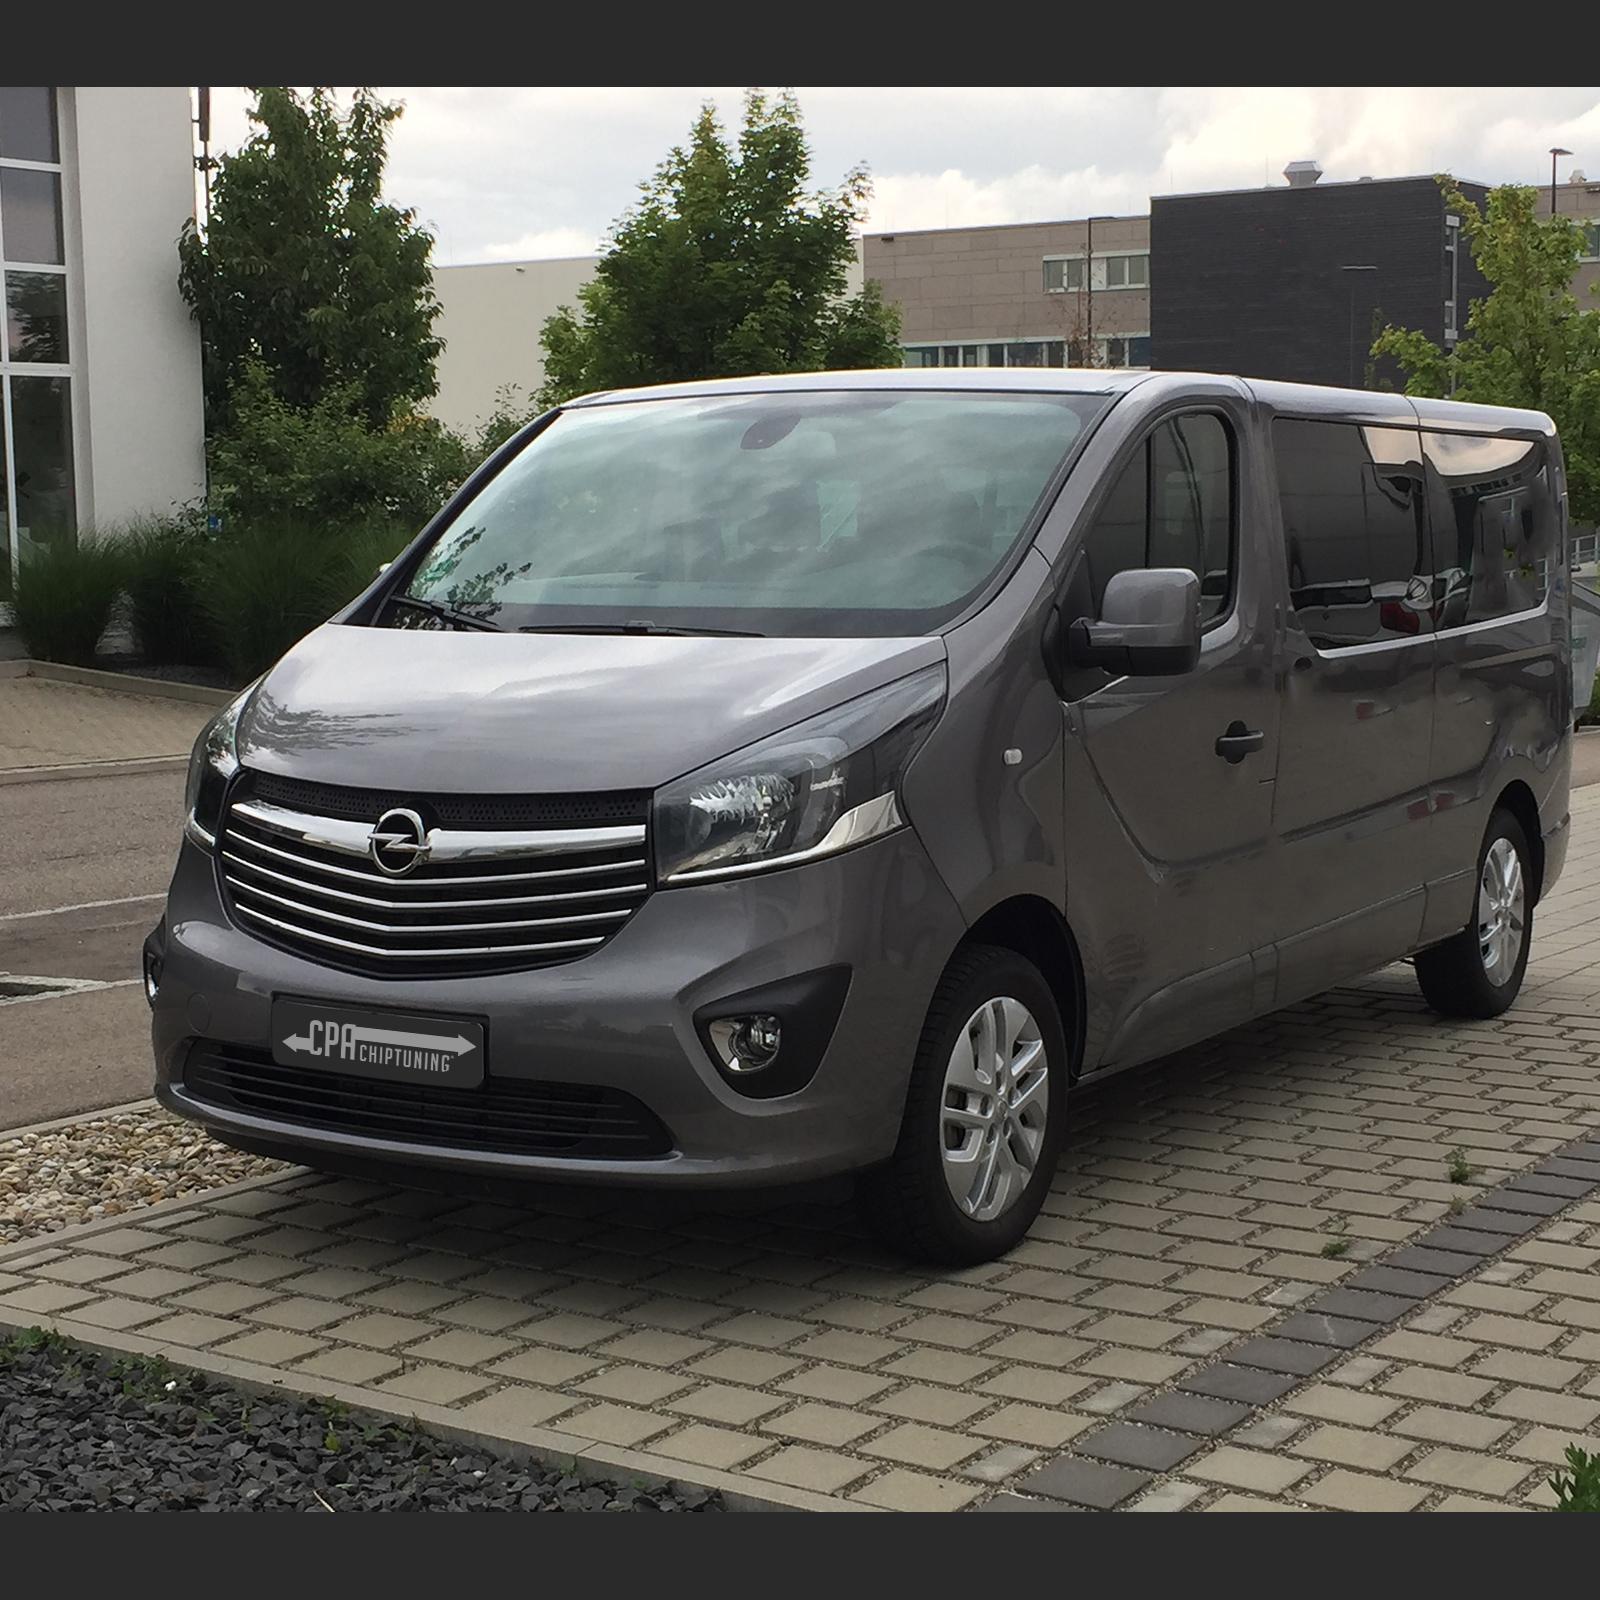 Onwijs Chiptuning Mehr Power für das Nutzfahrzeug: Tuning Opel Vivaro 1.6 QA-74